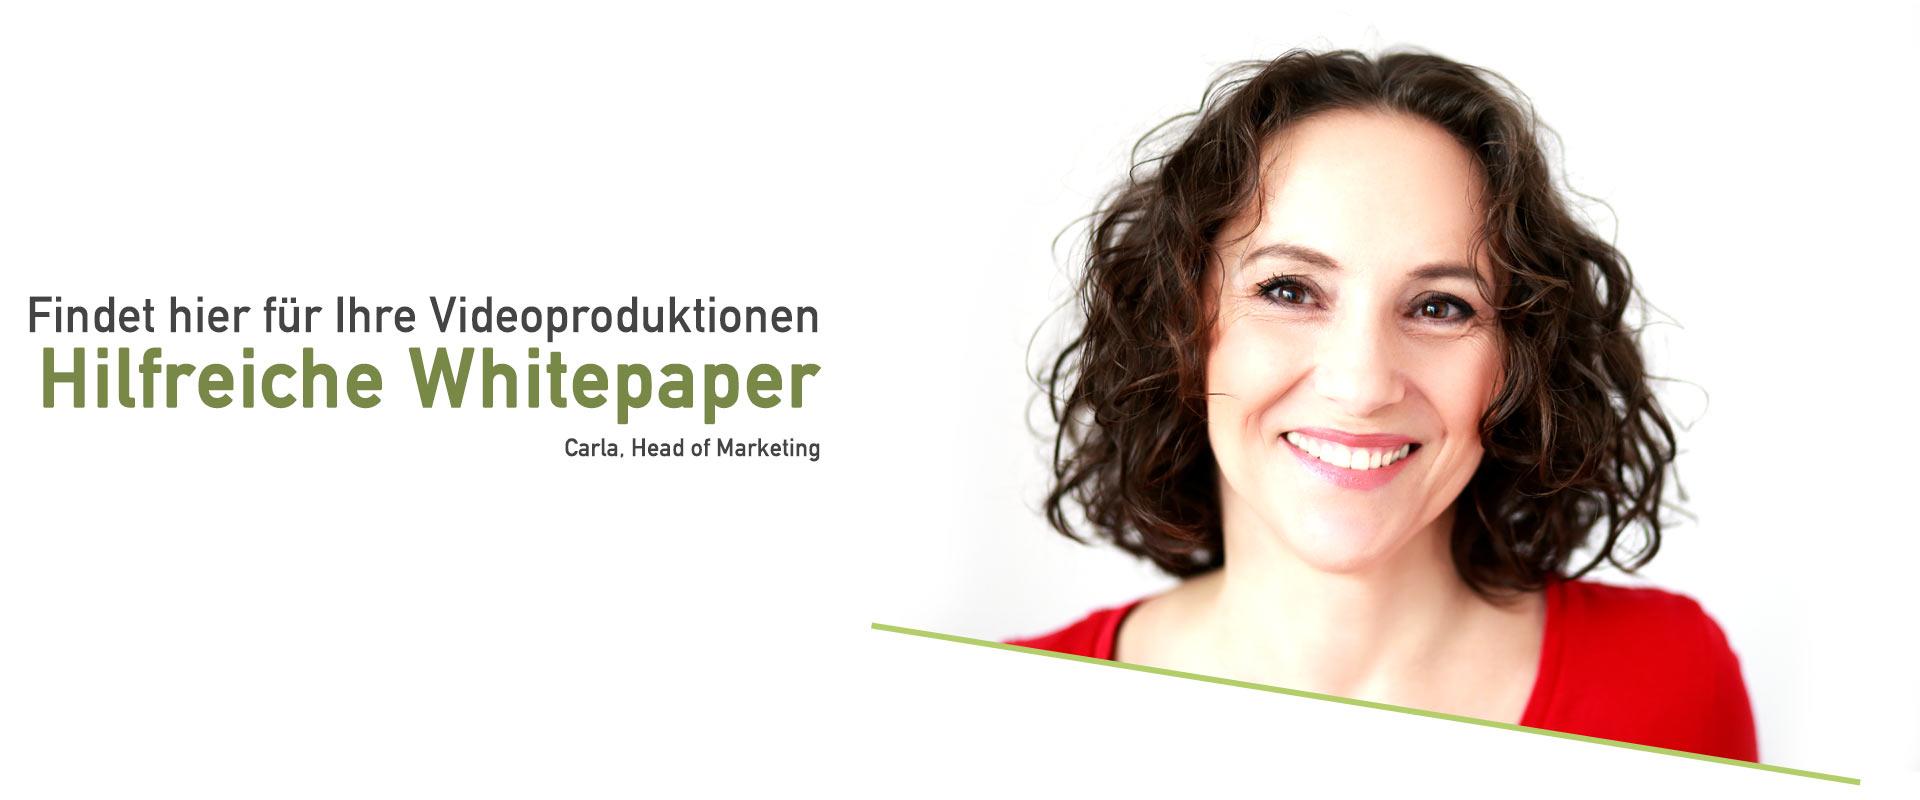 Carla findet bei den Pionieren jede Menge hilfreicher Whitepaper für Ihre Videoproduktionen.